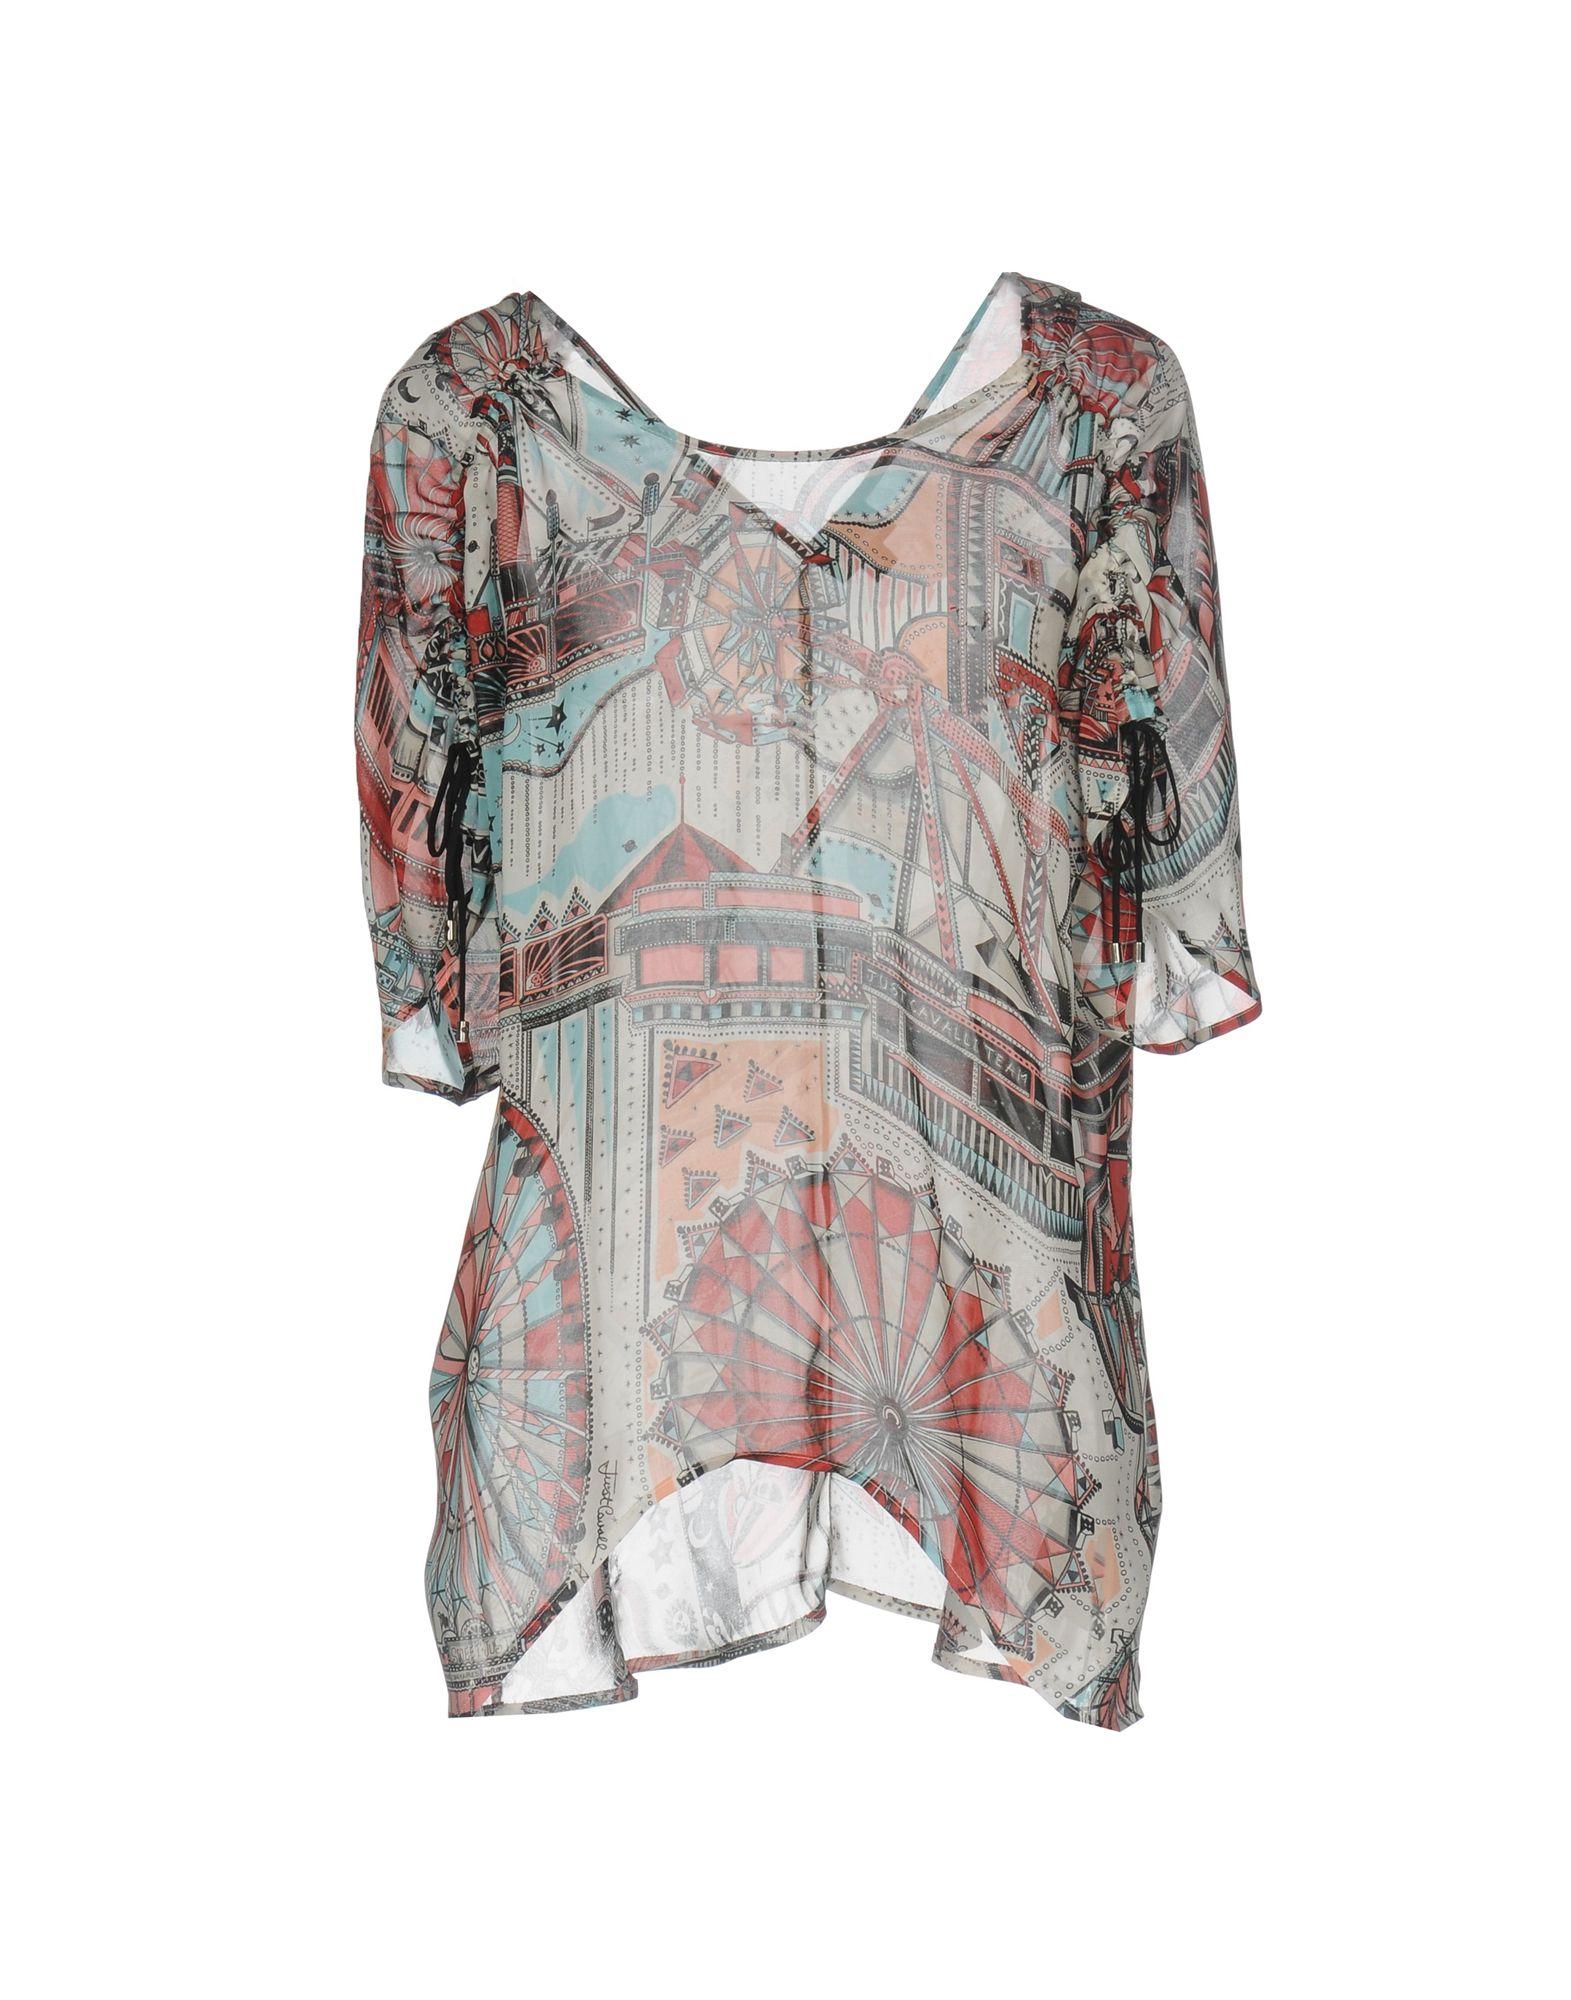 JUST CAVALLI Damen Bluse Farbe Ziegelrot Größe 4 - broschei